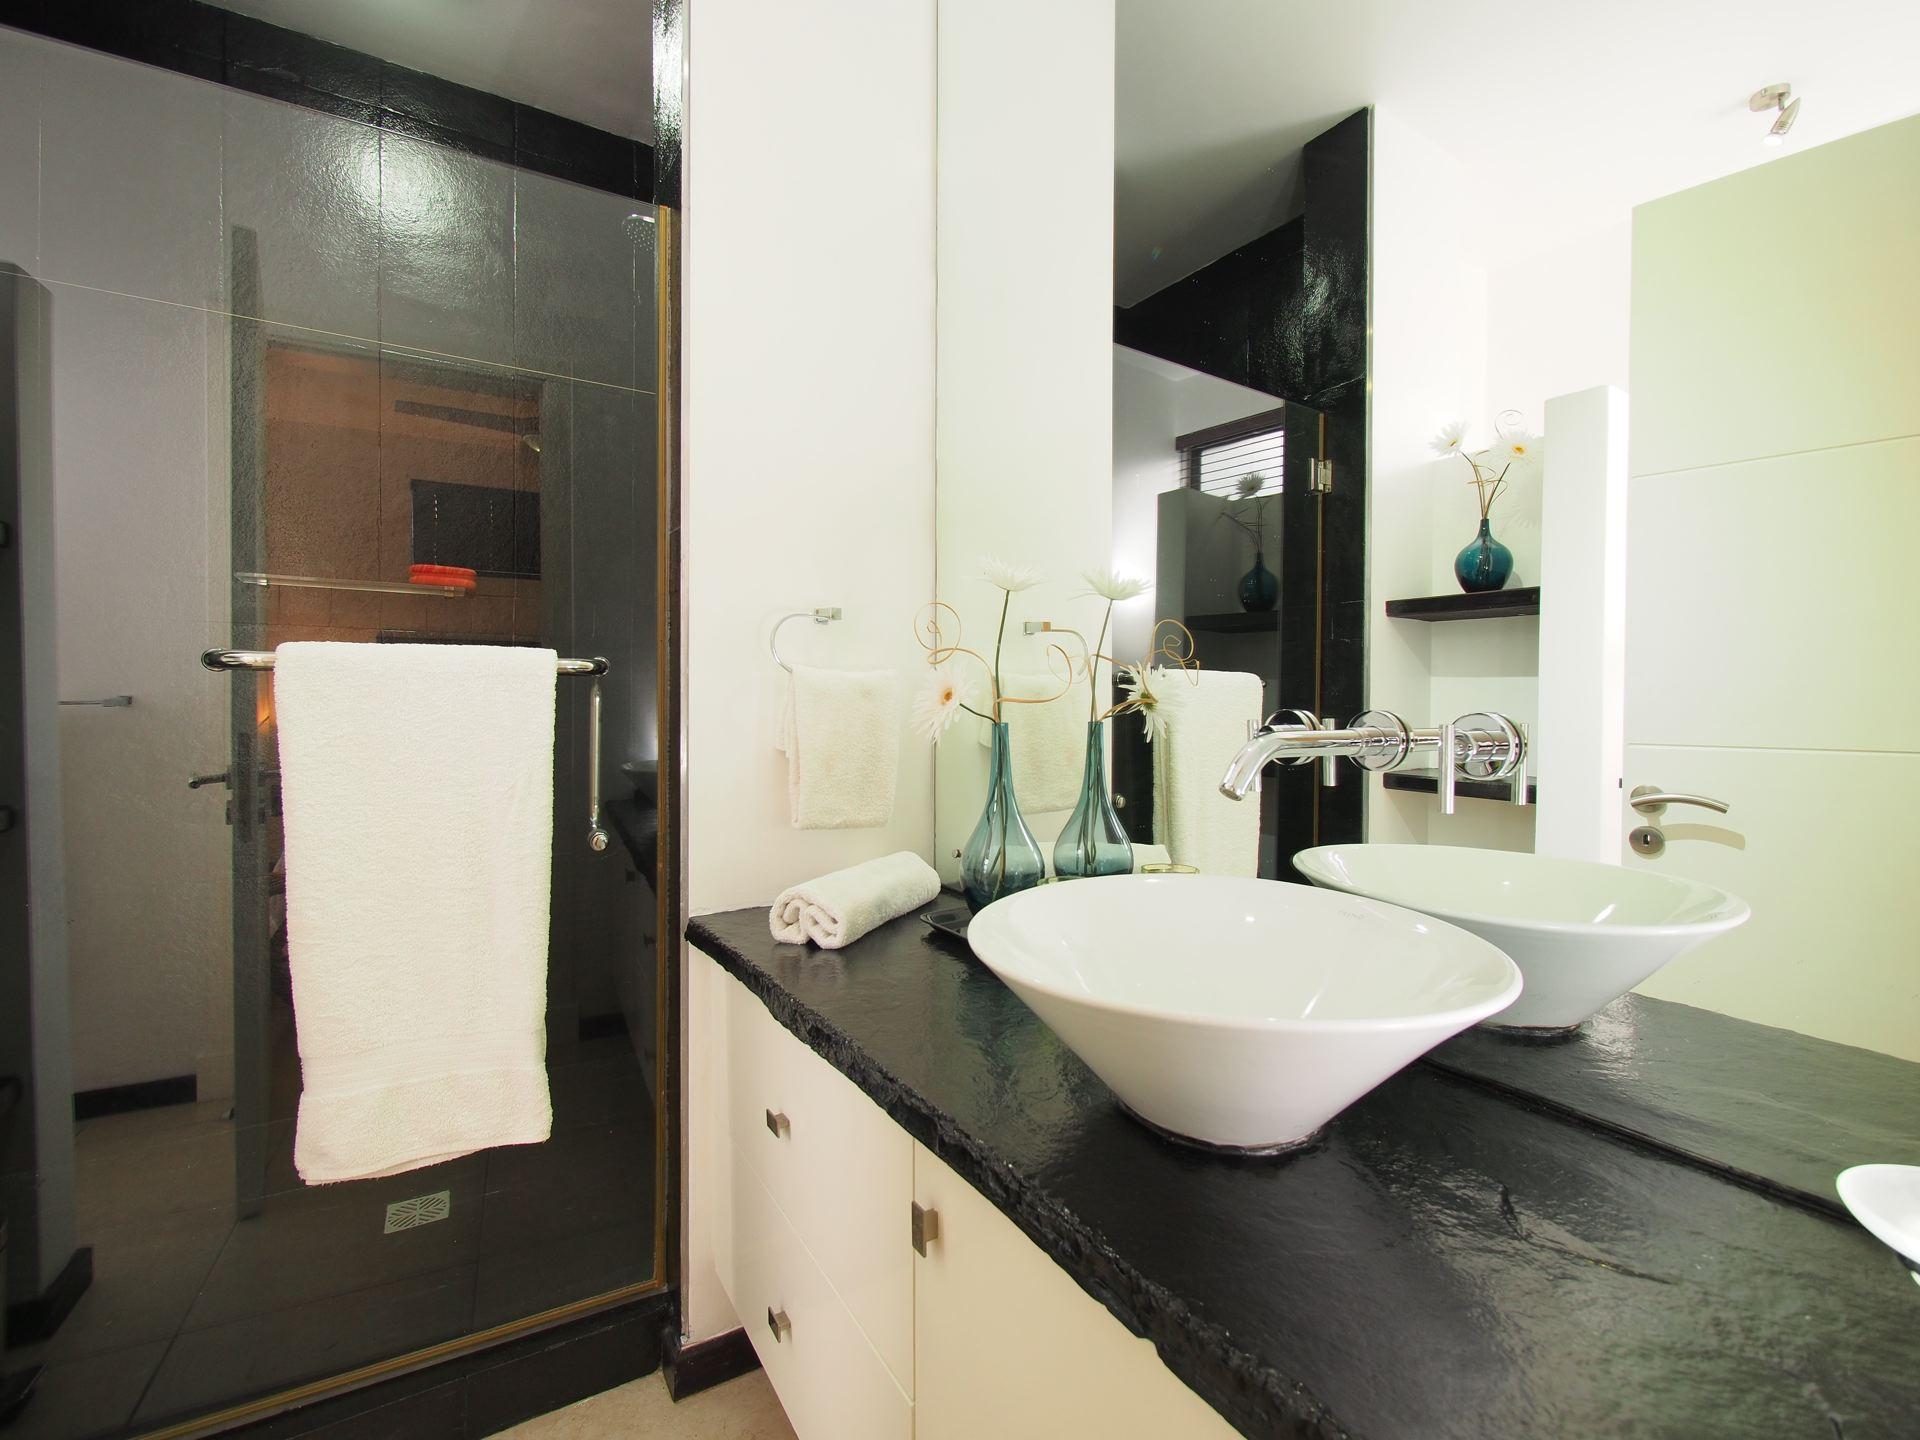 Lov. Le Cerisier Beach Apartments & Penthouses - Bathroom - .jpg